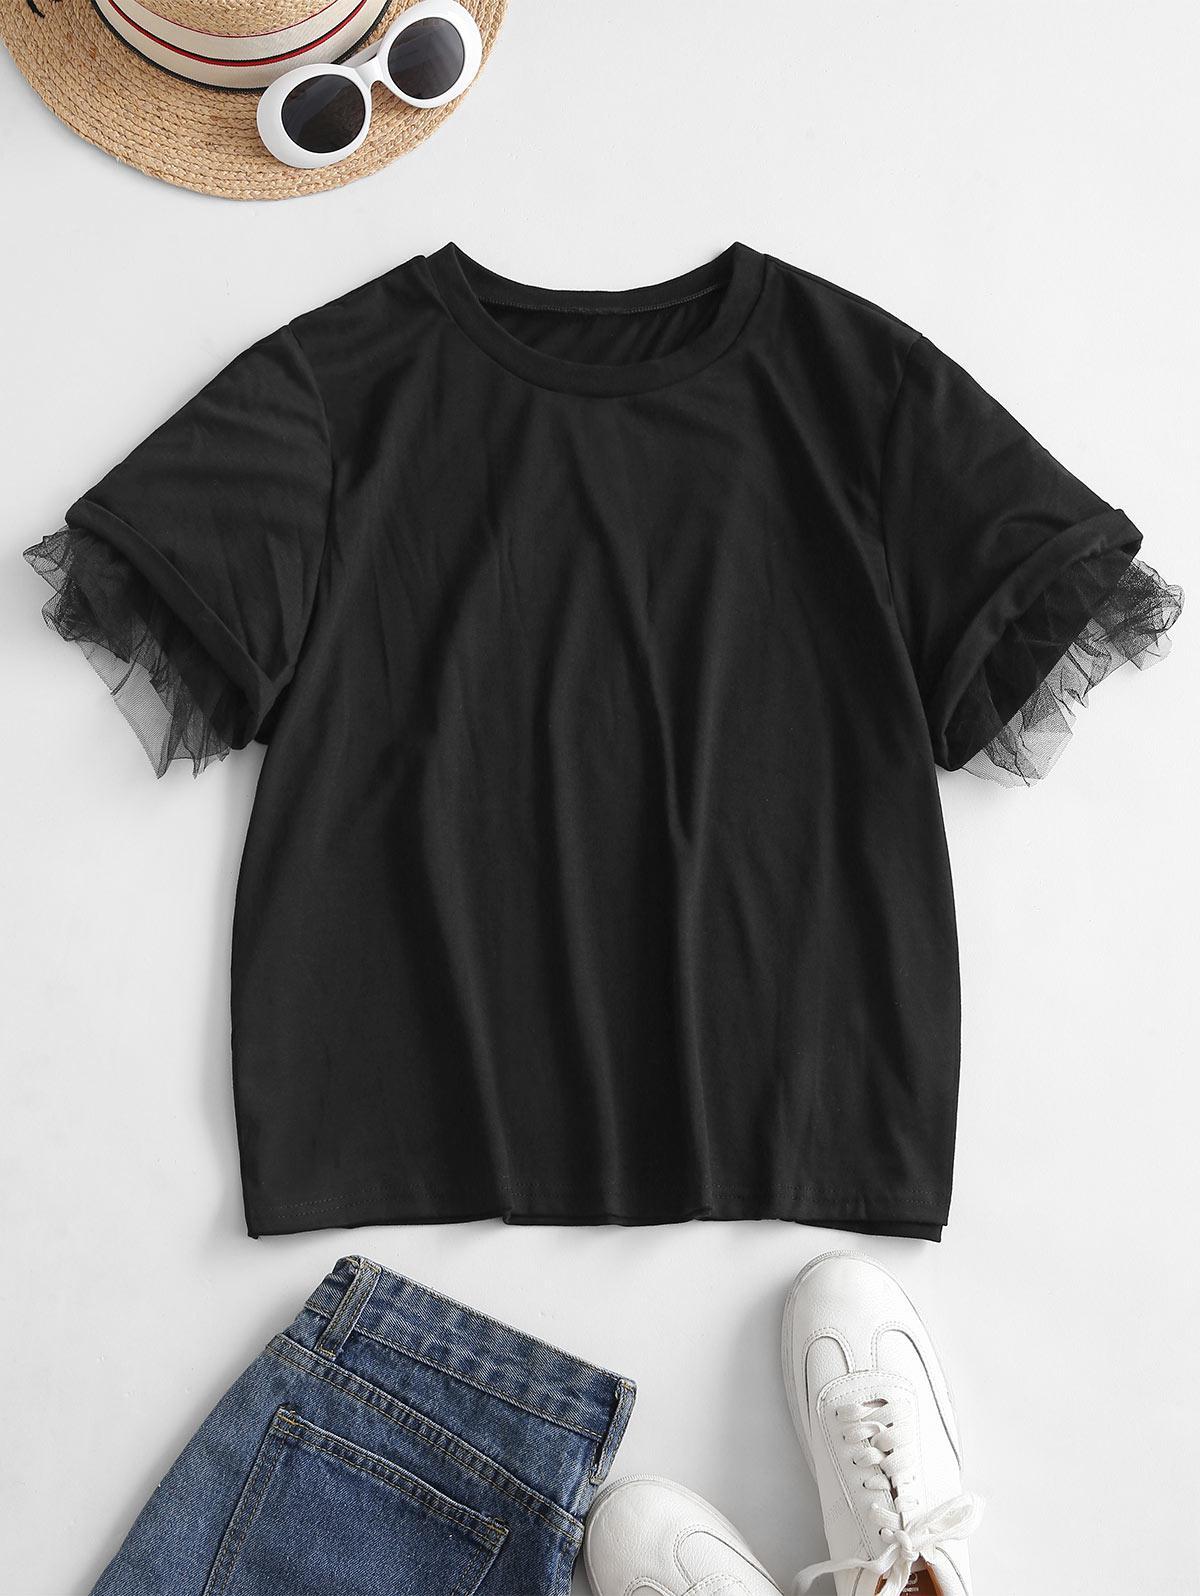 Lace Insert Tunic T-shirt